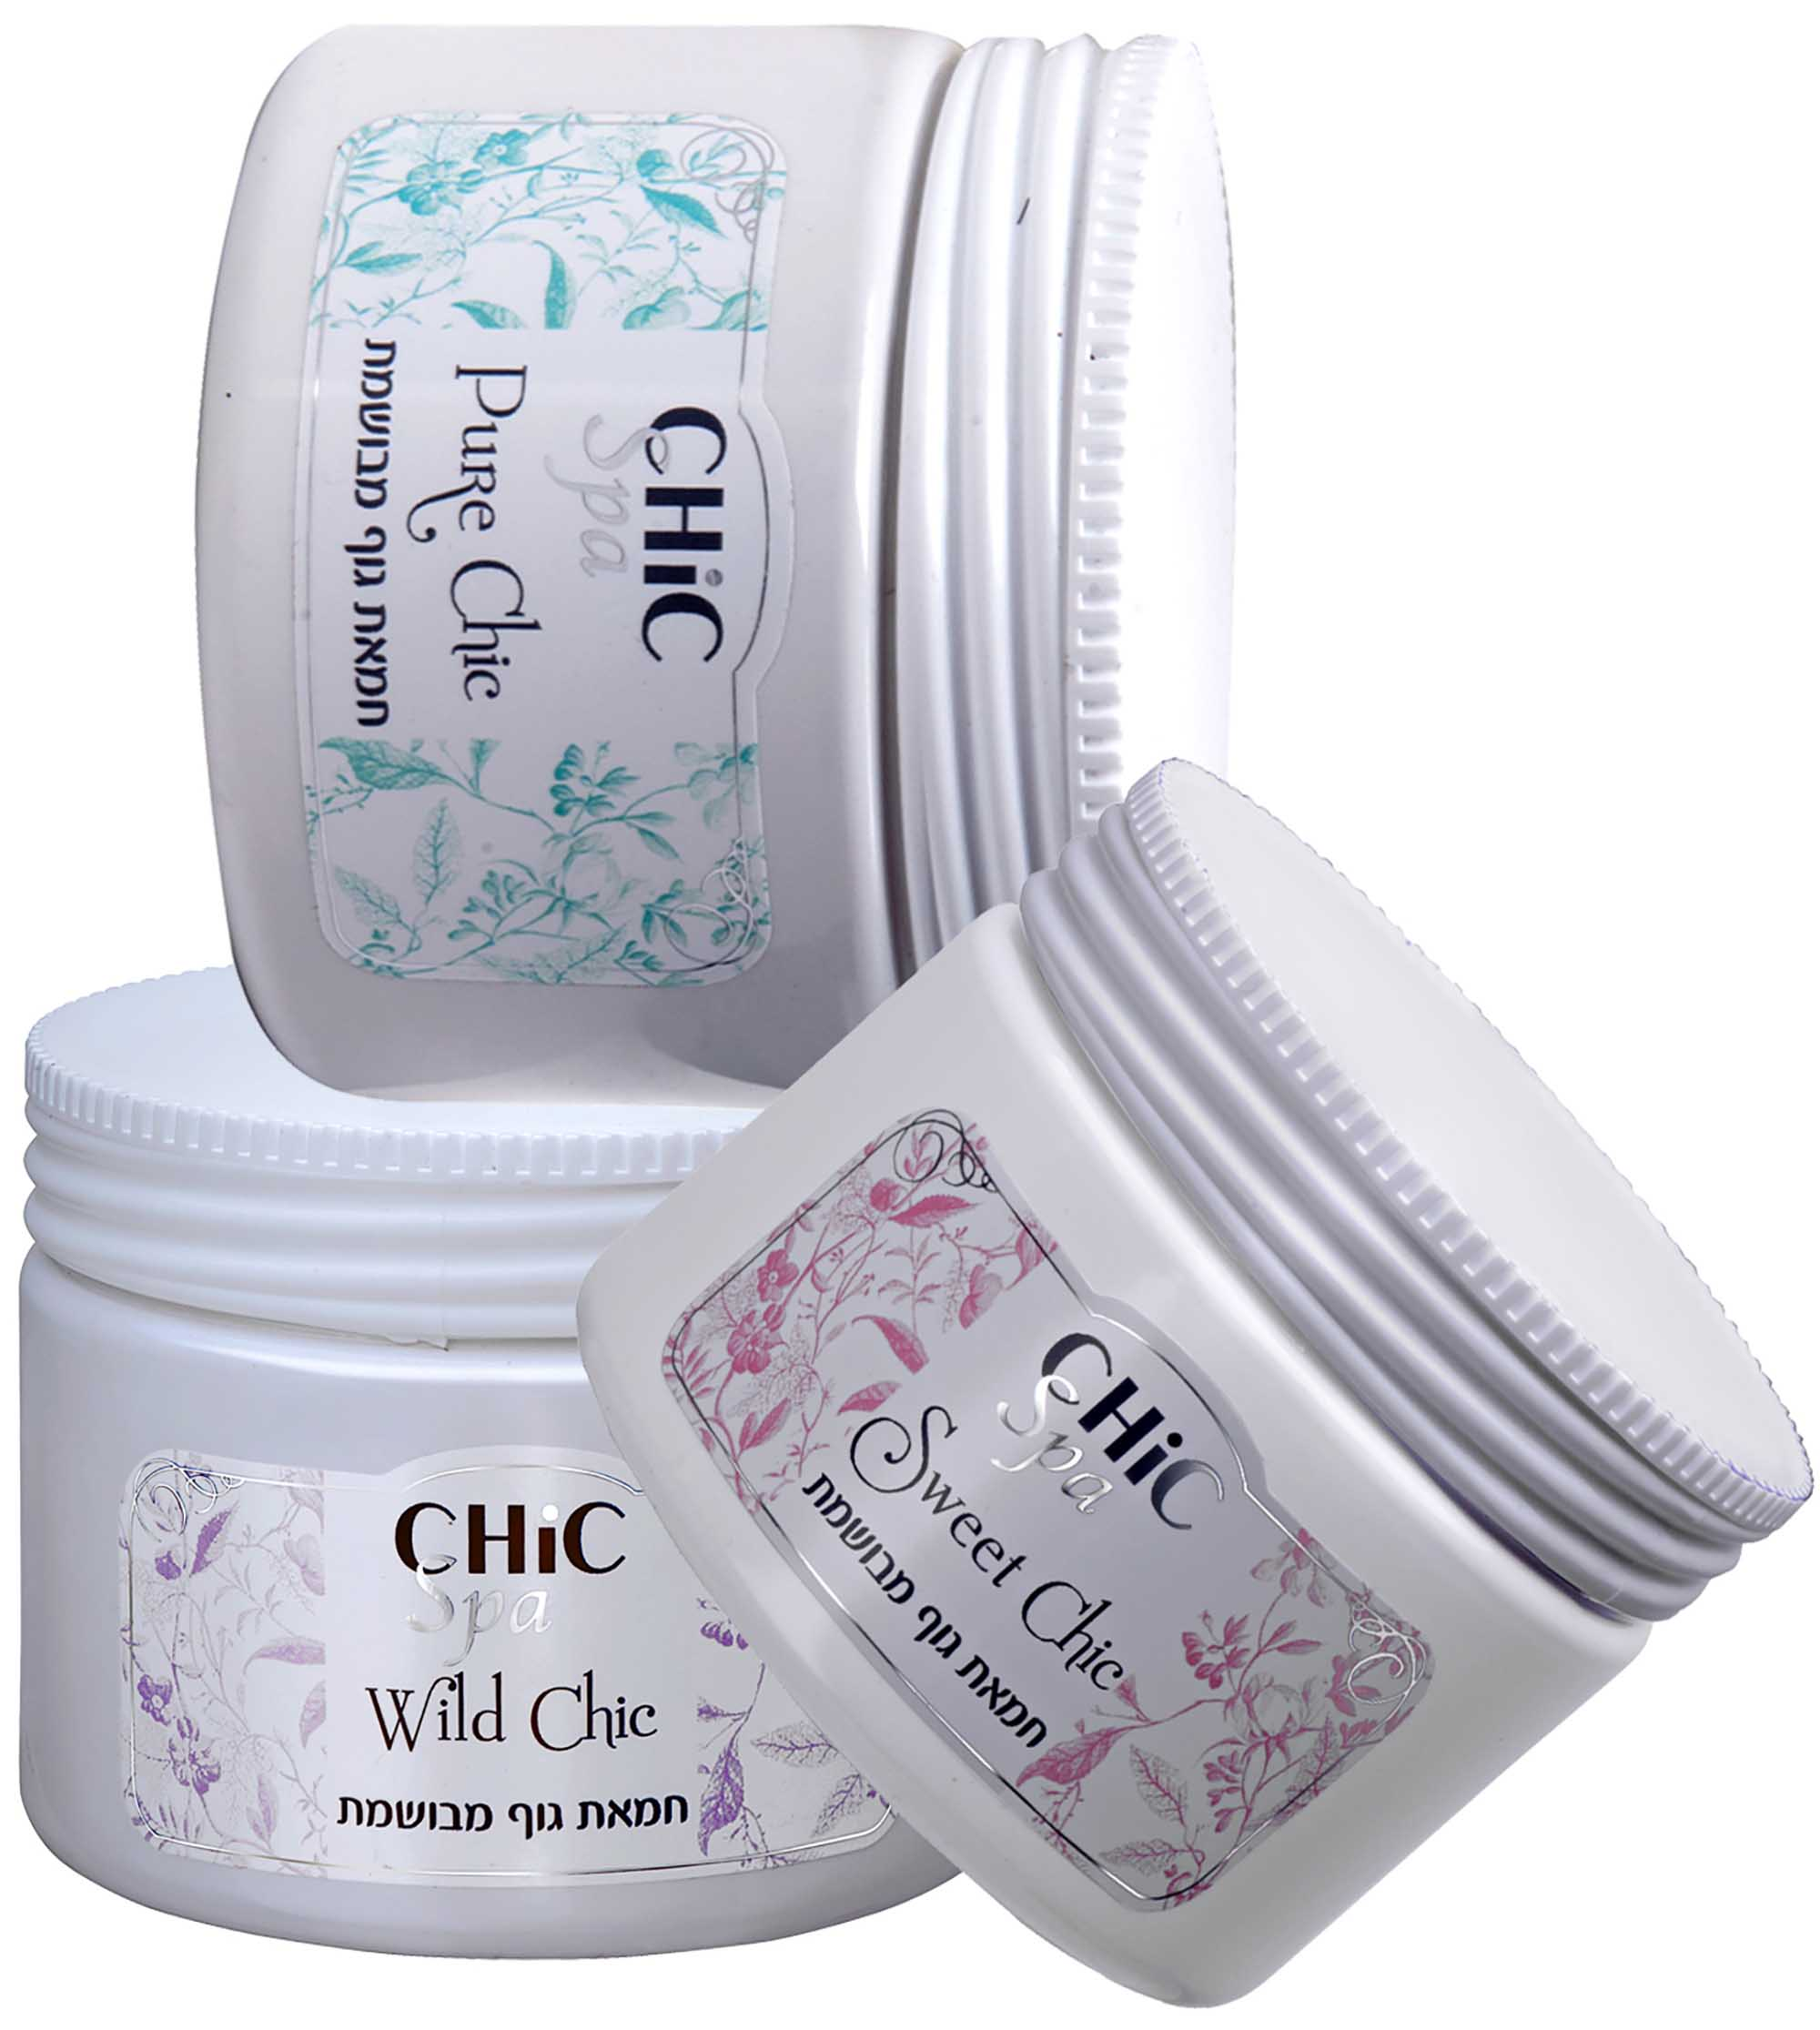 חמאות גוף - CHIC, מוצרי יופי וטיפוח